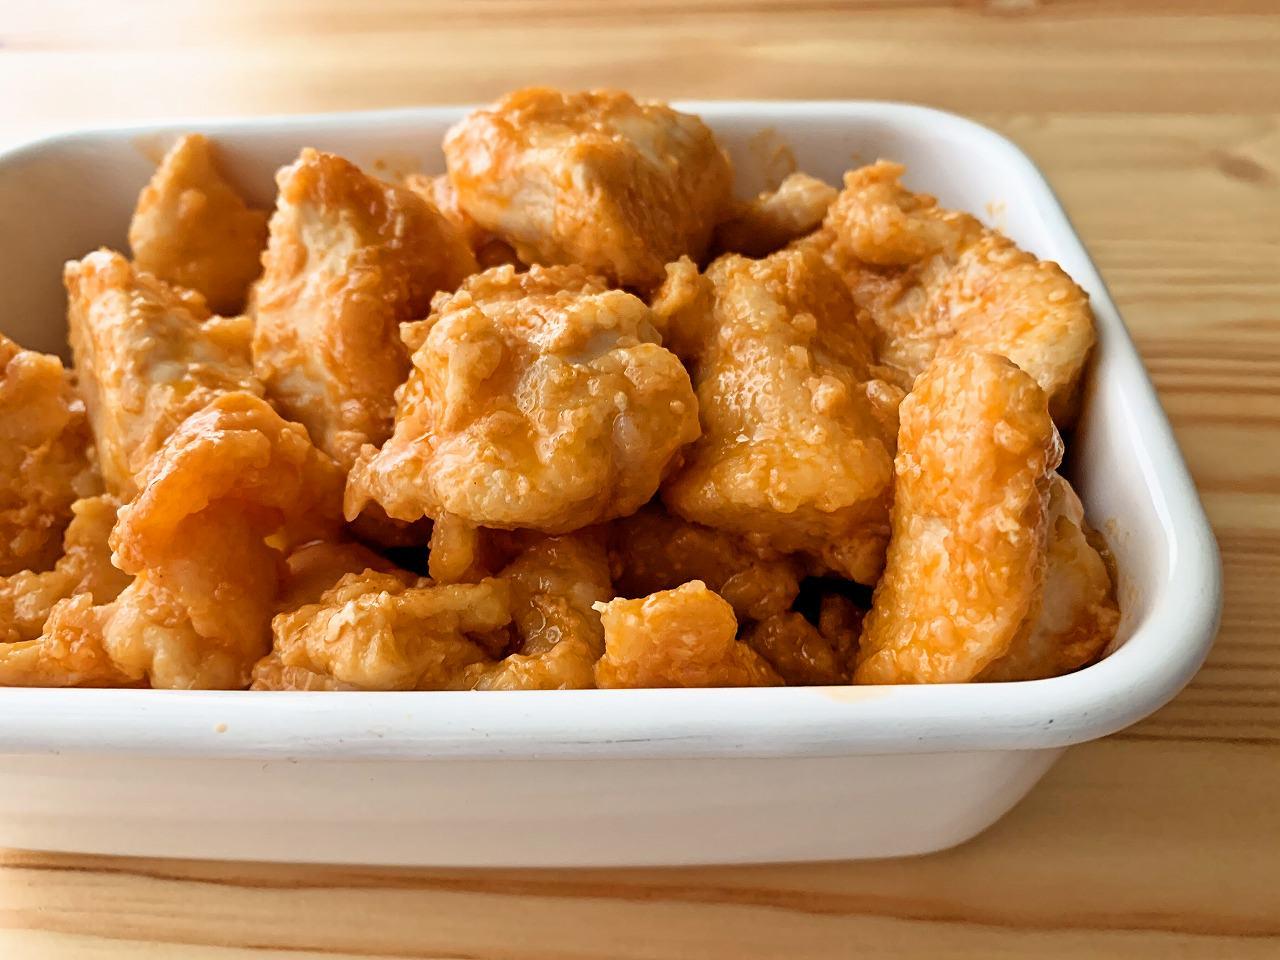 鶏むね肉のオーロラソース炒め(鶏マヨ炒め)